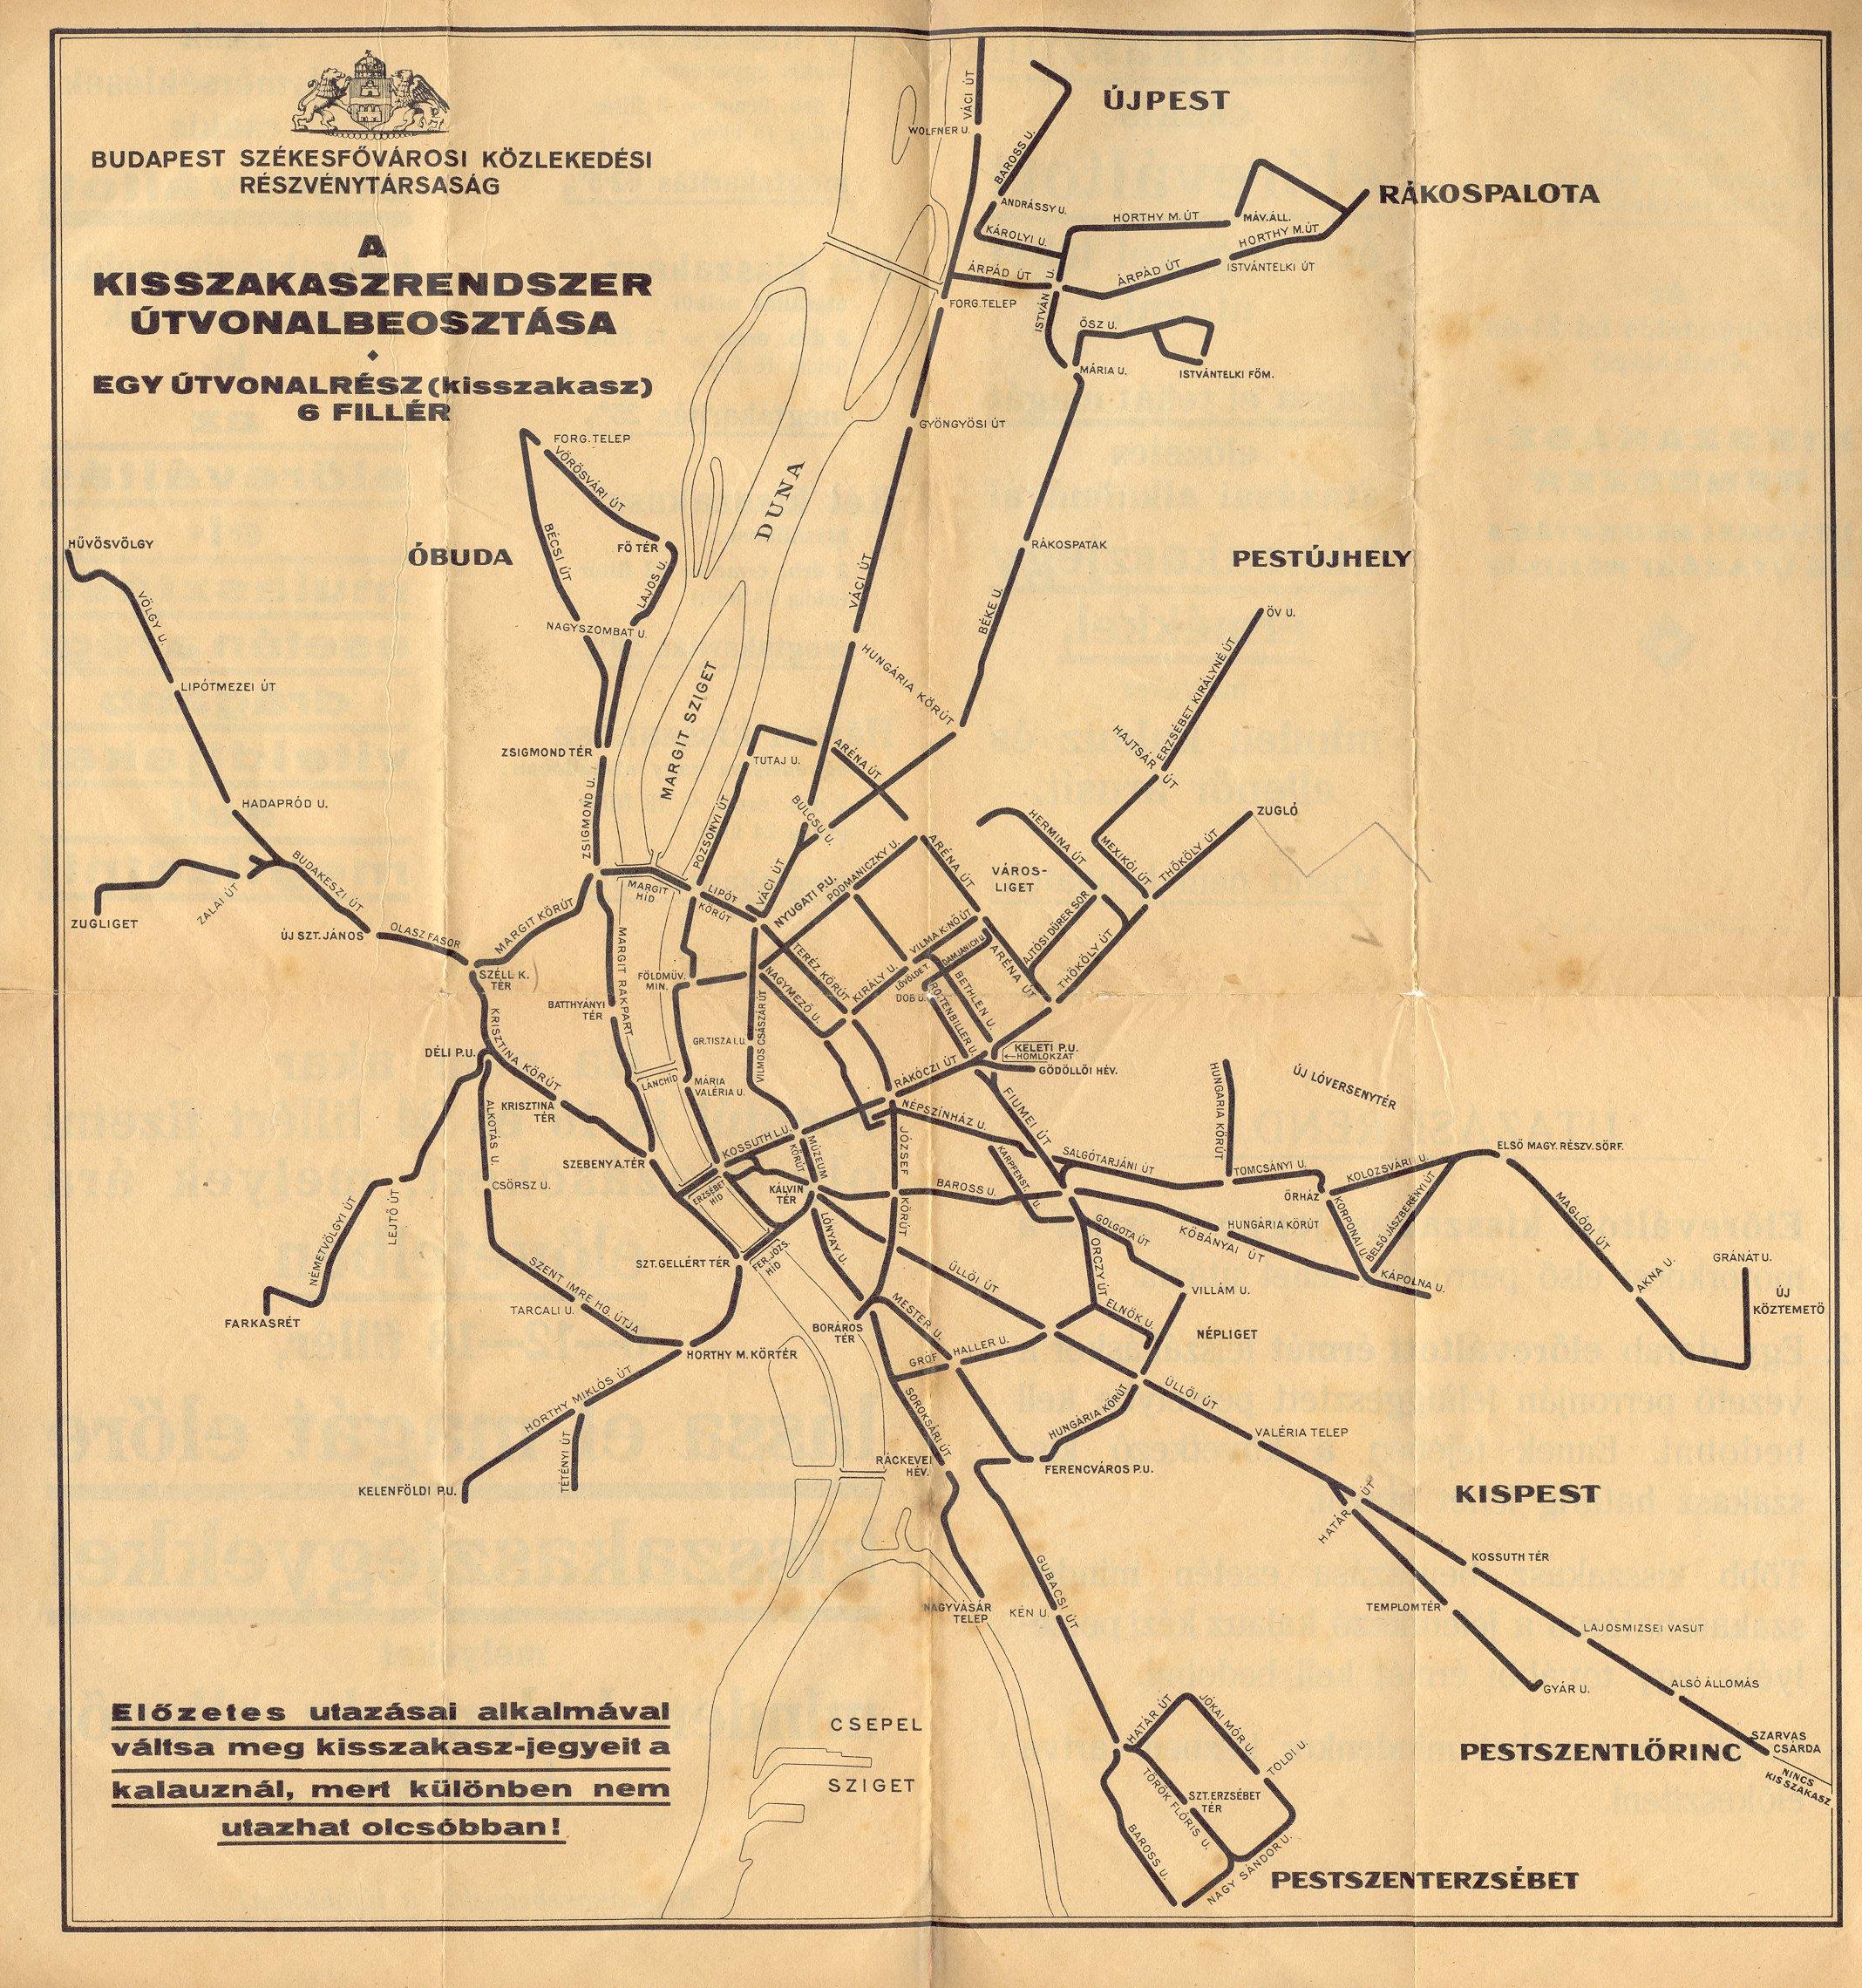 budapest térkép 1956 Villamos.Budapest.Hu   Kissszakasz BSzKRt. 1933. budapest térkép 1956